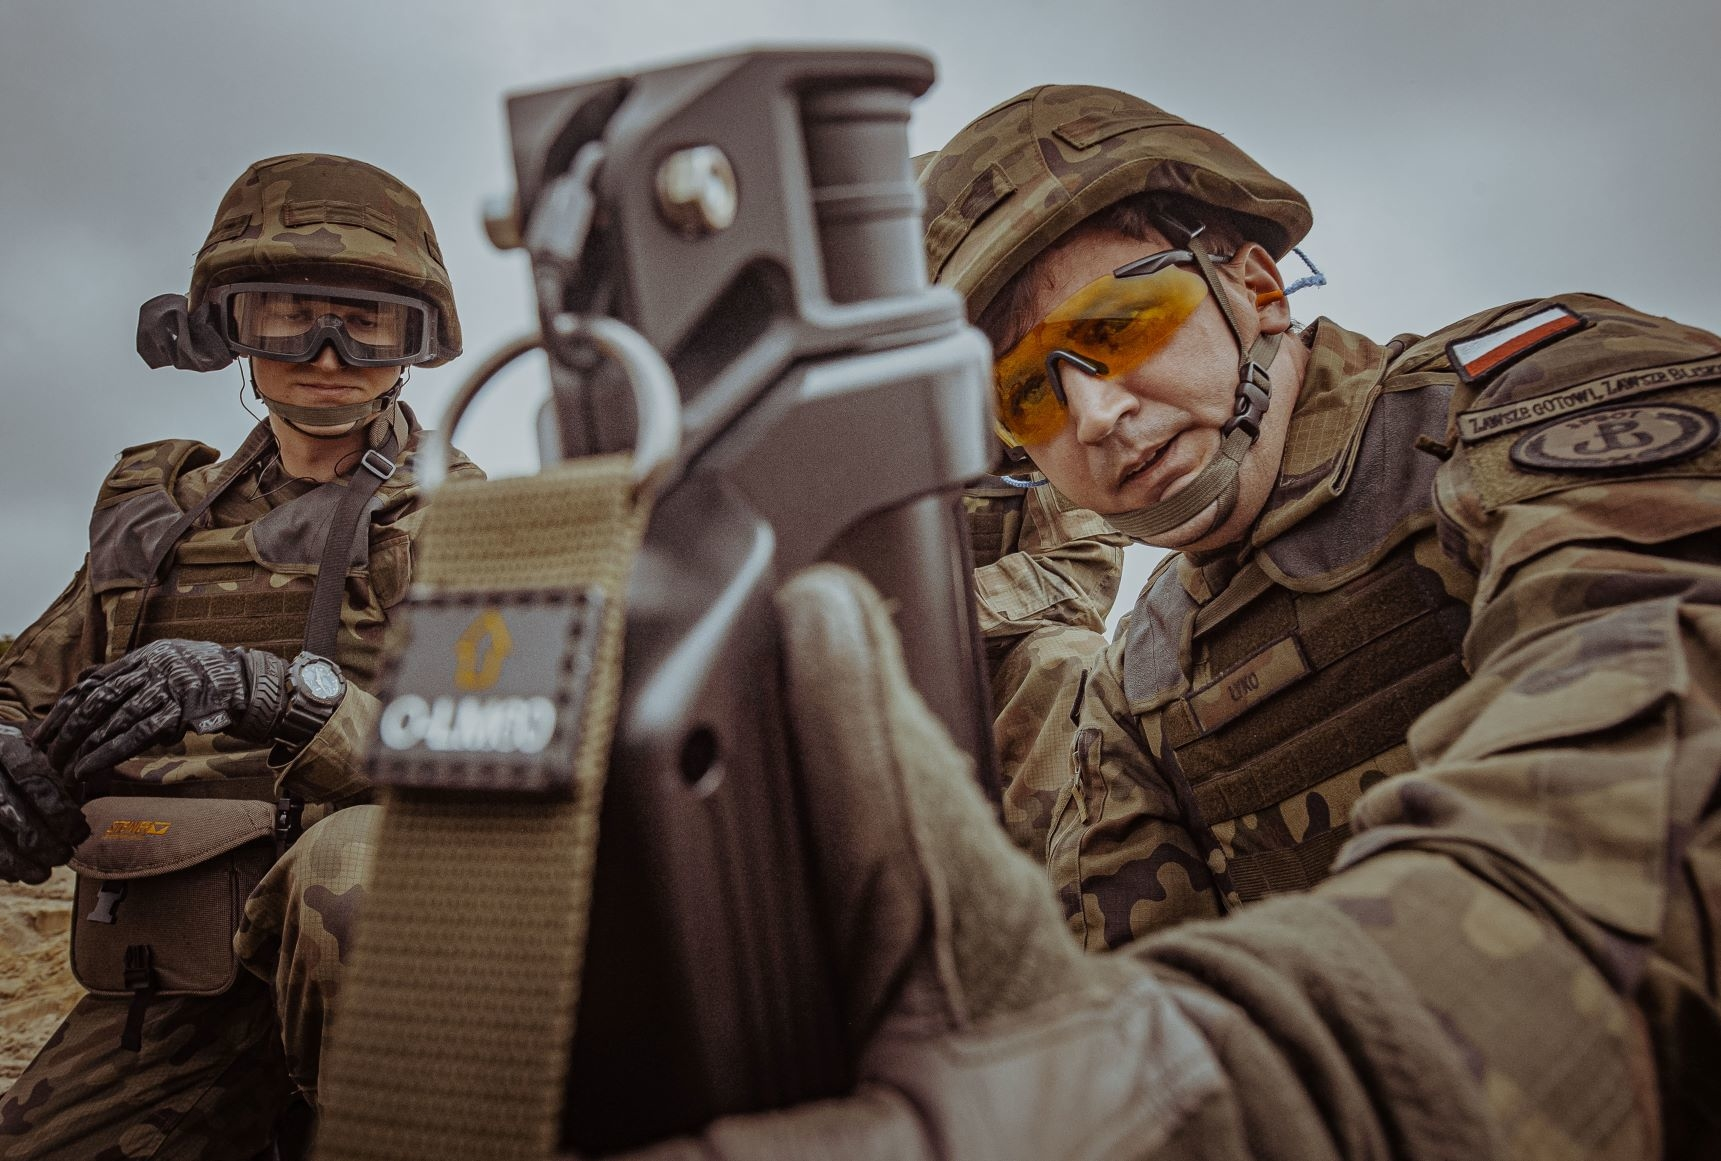 Terytorialsi z Podkarpacia pierwsi strzelali z moździerza LMP-2017 - Zdjęcie główne